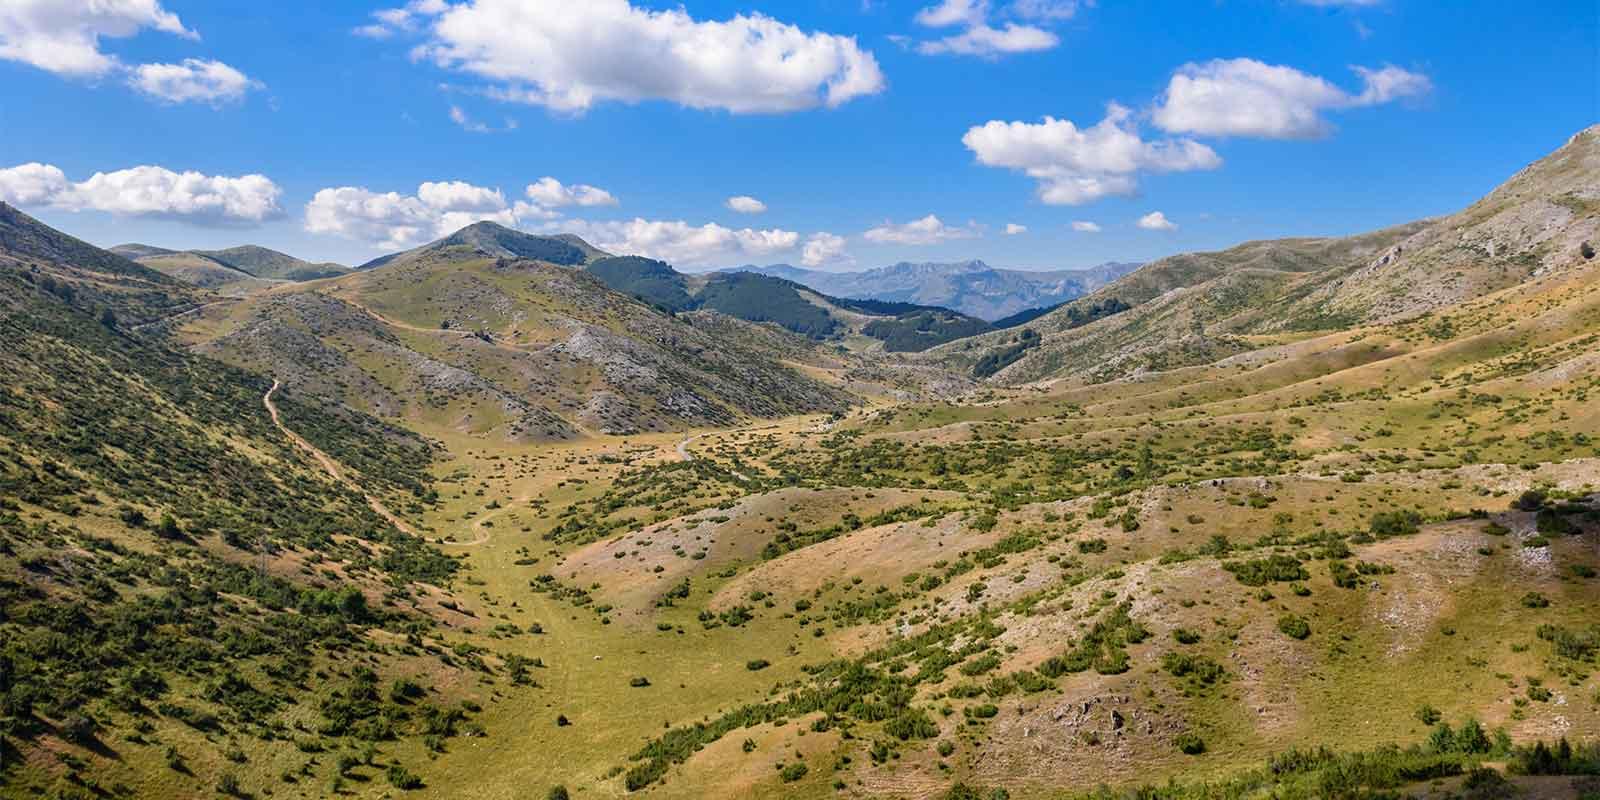 Mavrovo National Park near Medenica Peak in Macedonia